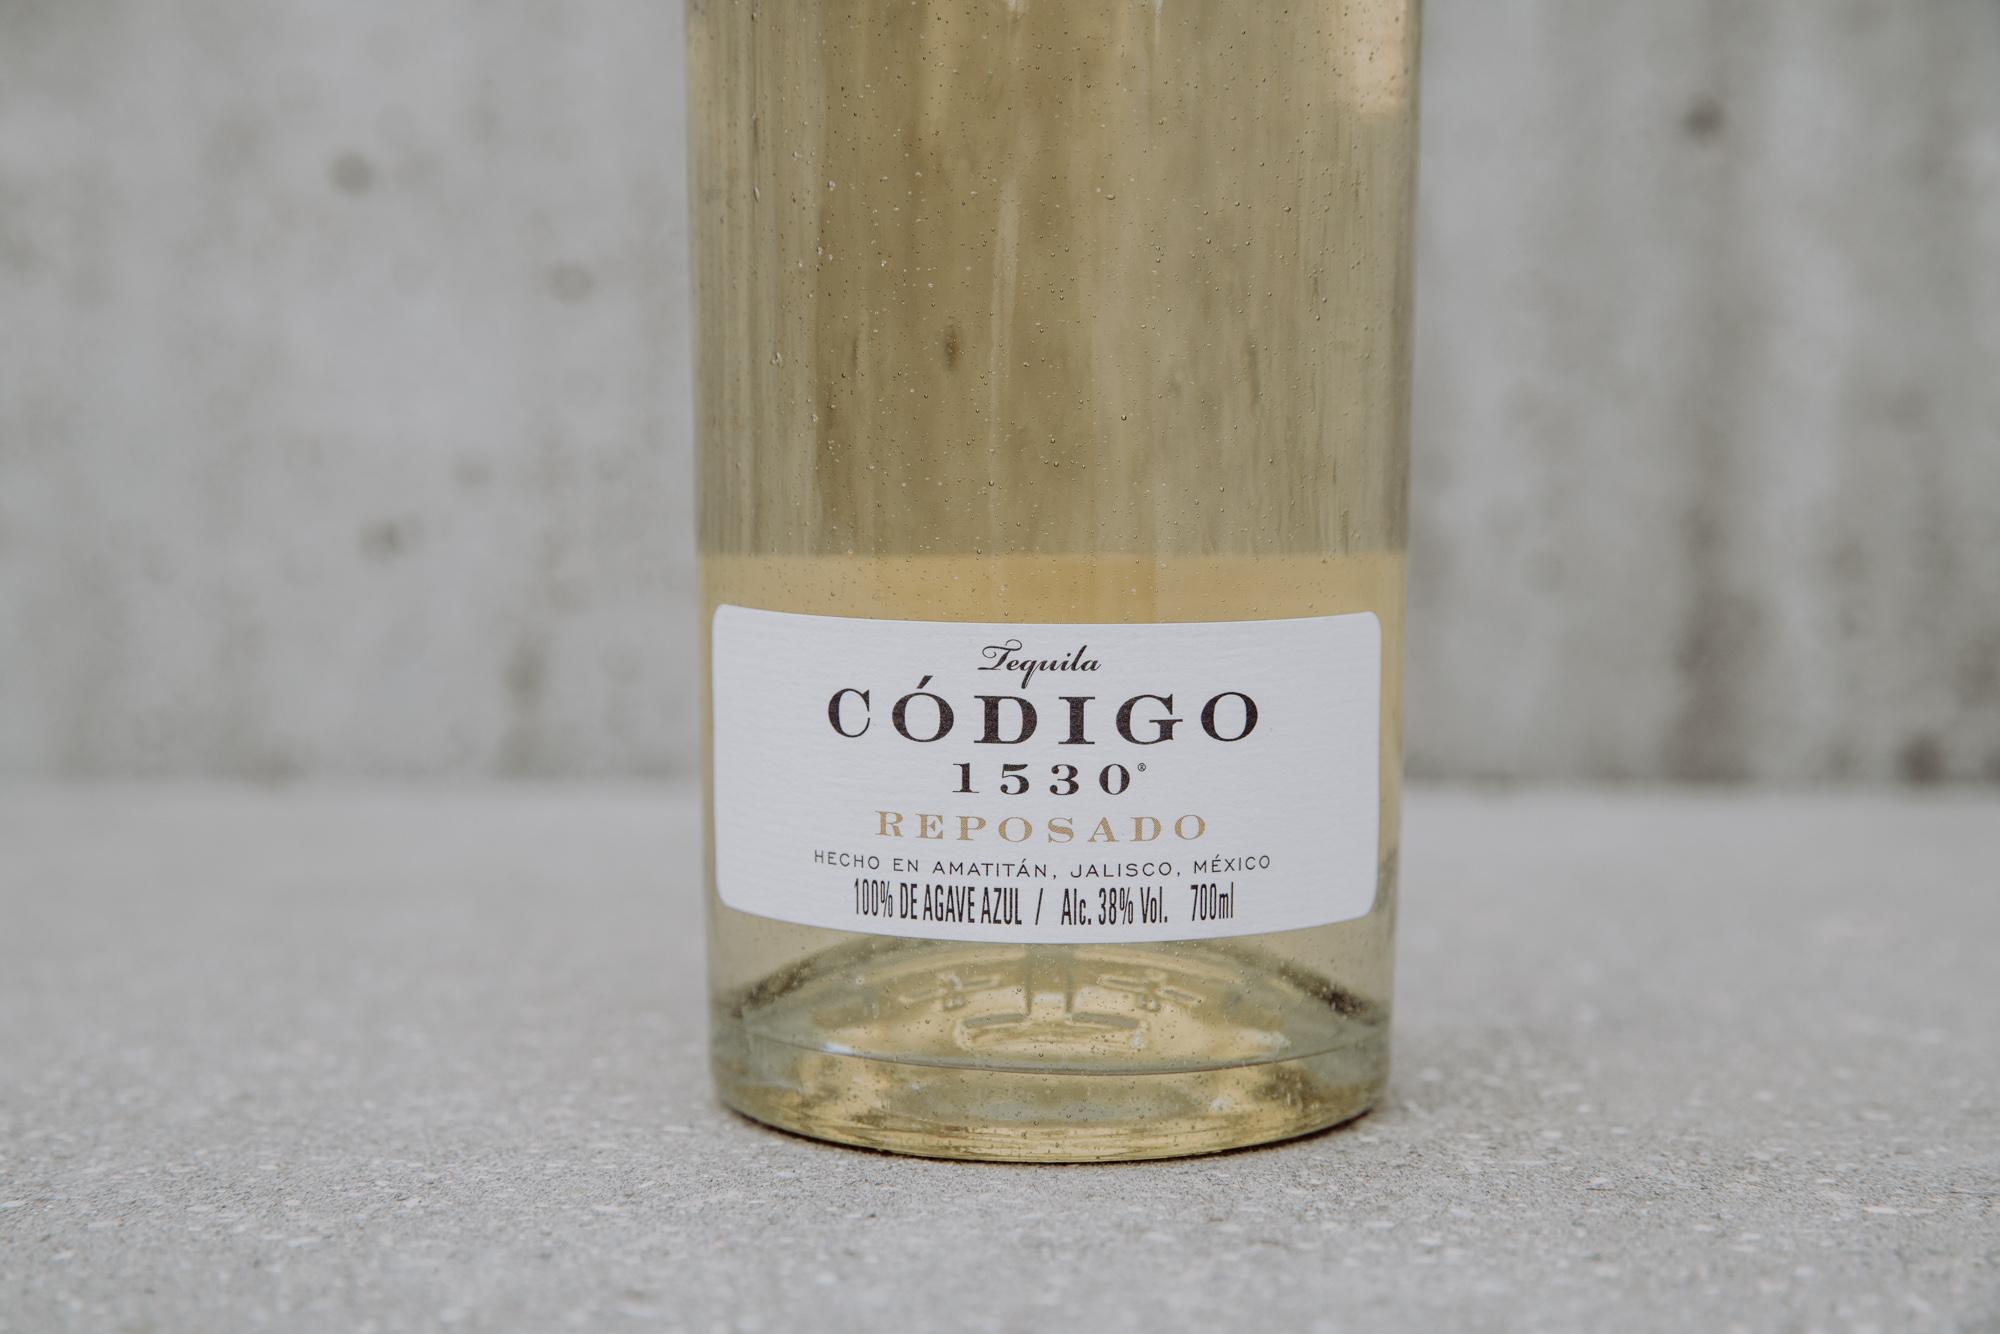 Codigo 1530 Tequila Mexico Codigo Reposado